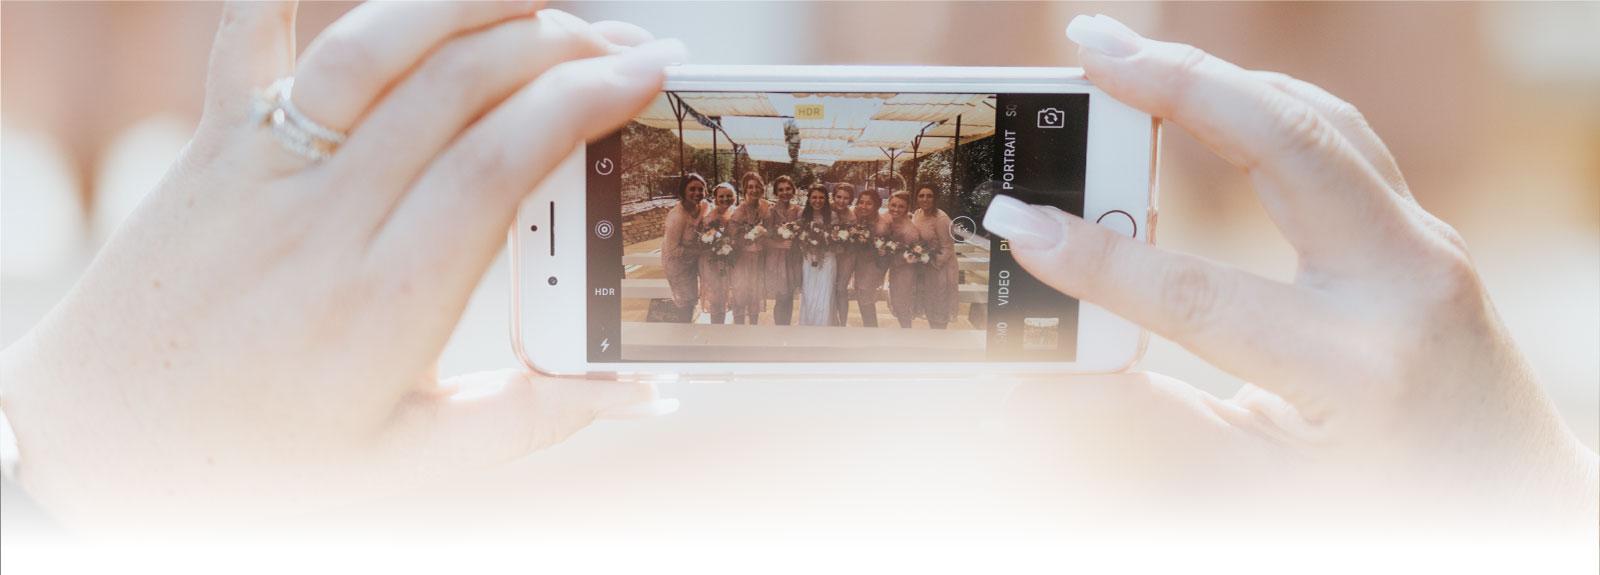 Weevento, proyecto destacado en desarrollo de apps a medida